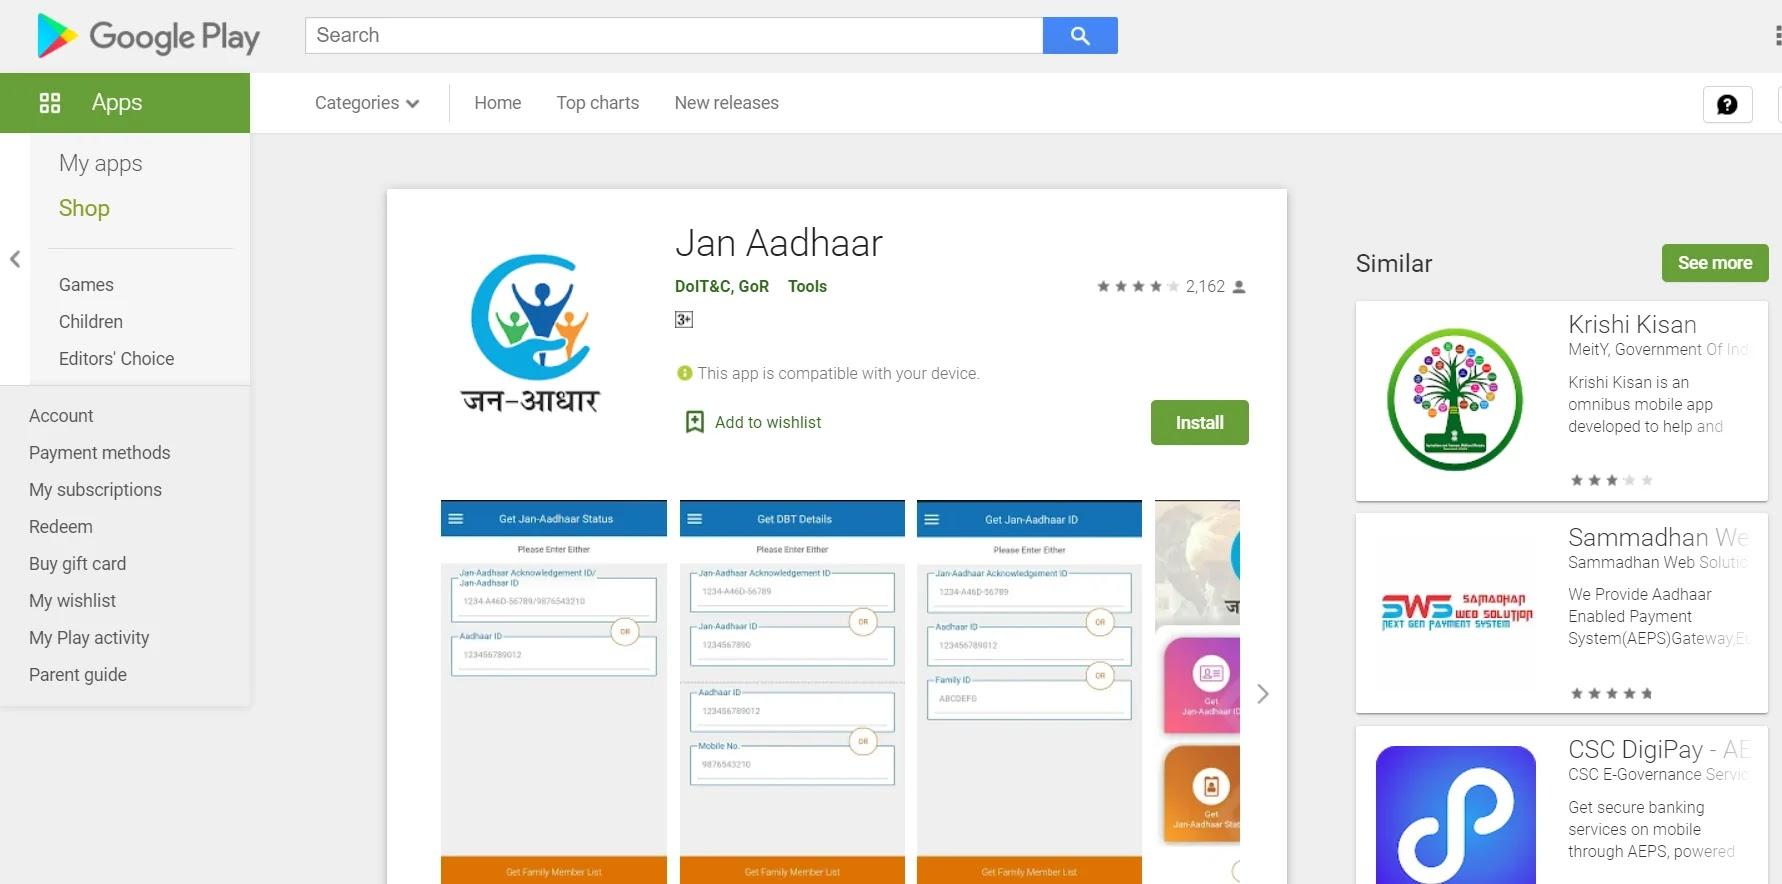 राजस्थान जन आधार कार्ड योजना 2021 | jan aadhar card apply online rajasthan, दस्तावेज | सरकारी योजनाएँ